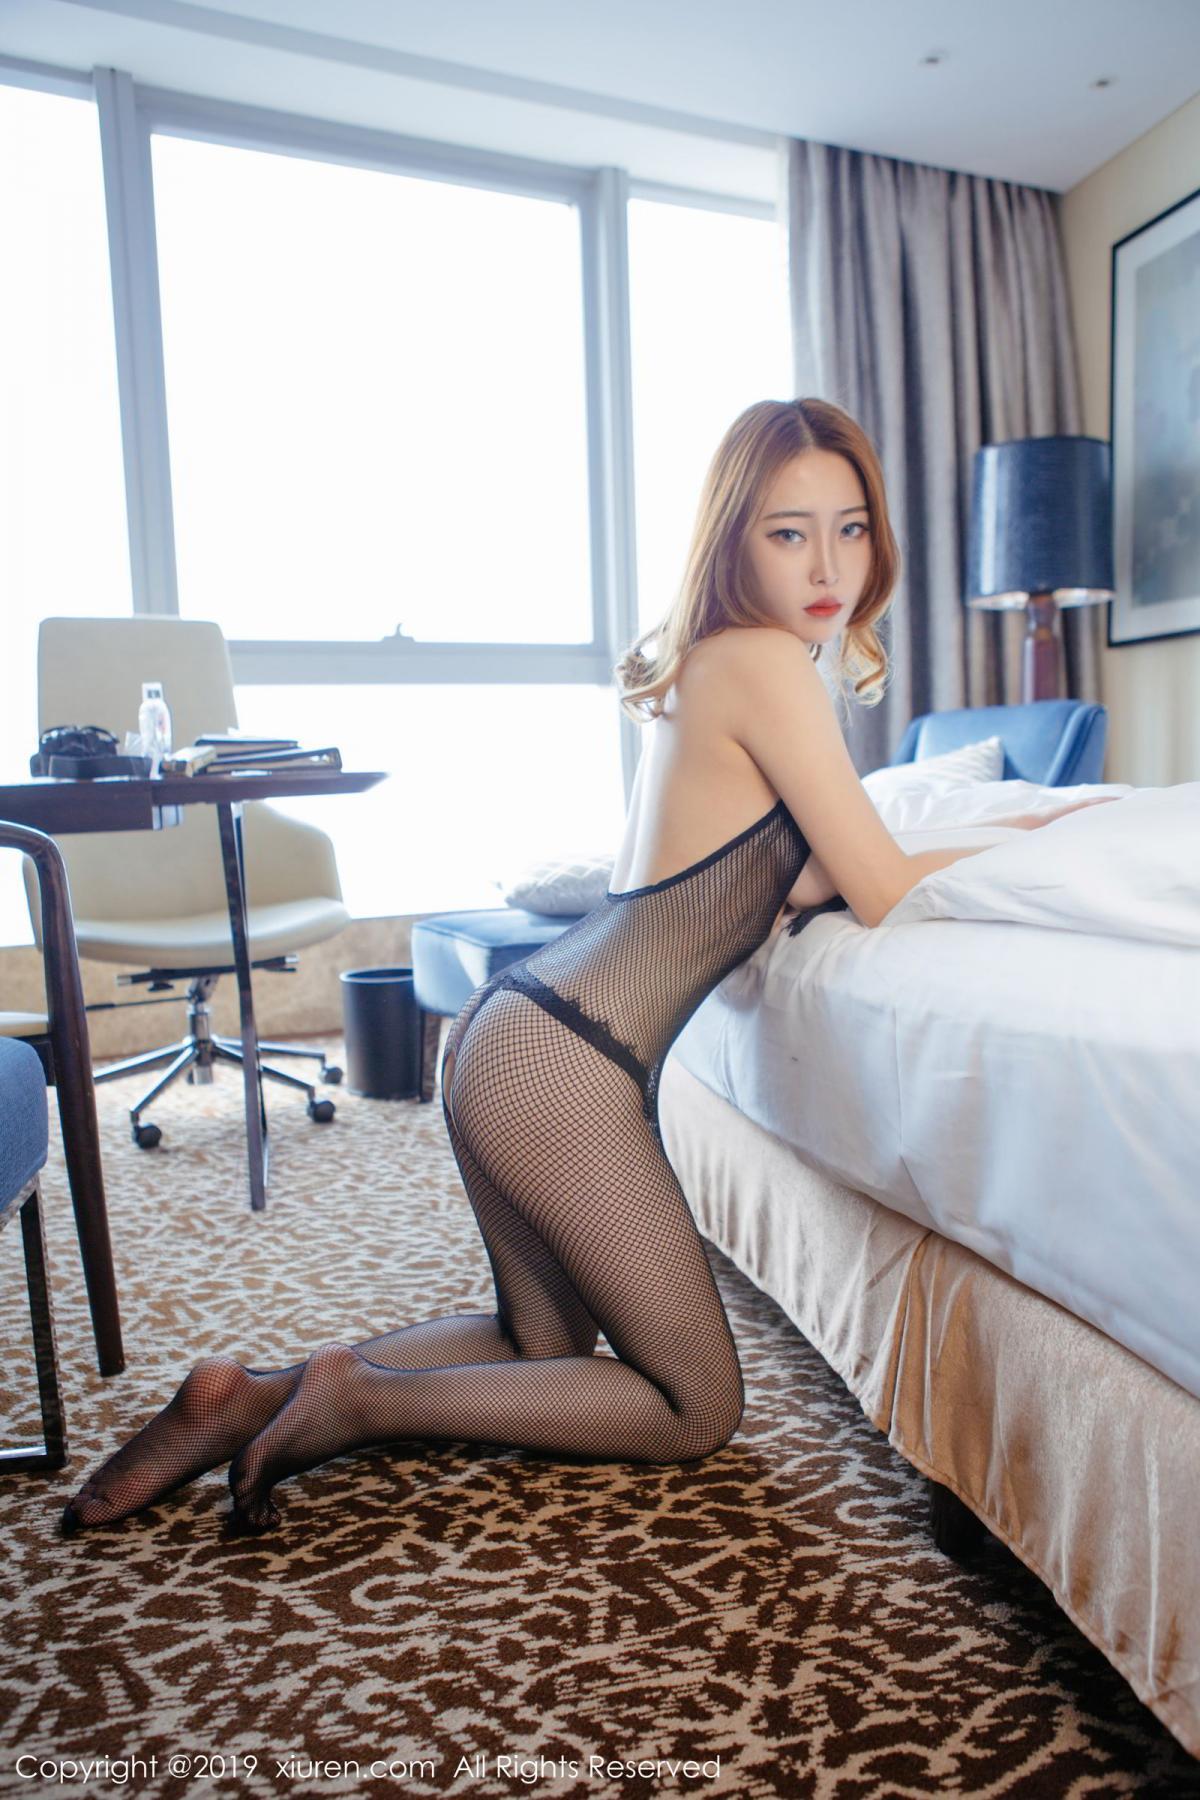 [XiuRen] Vol.1481 Yao A Yao De Yao 42P, Adult, Xiuren, Yao A Yao De Yao